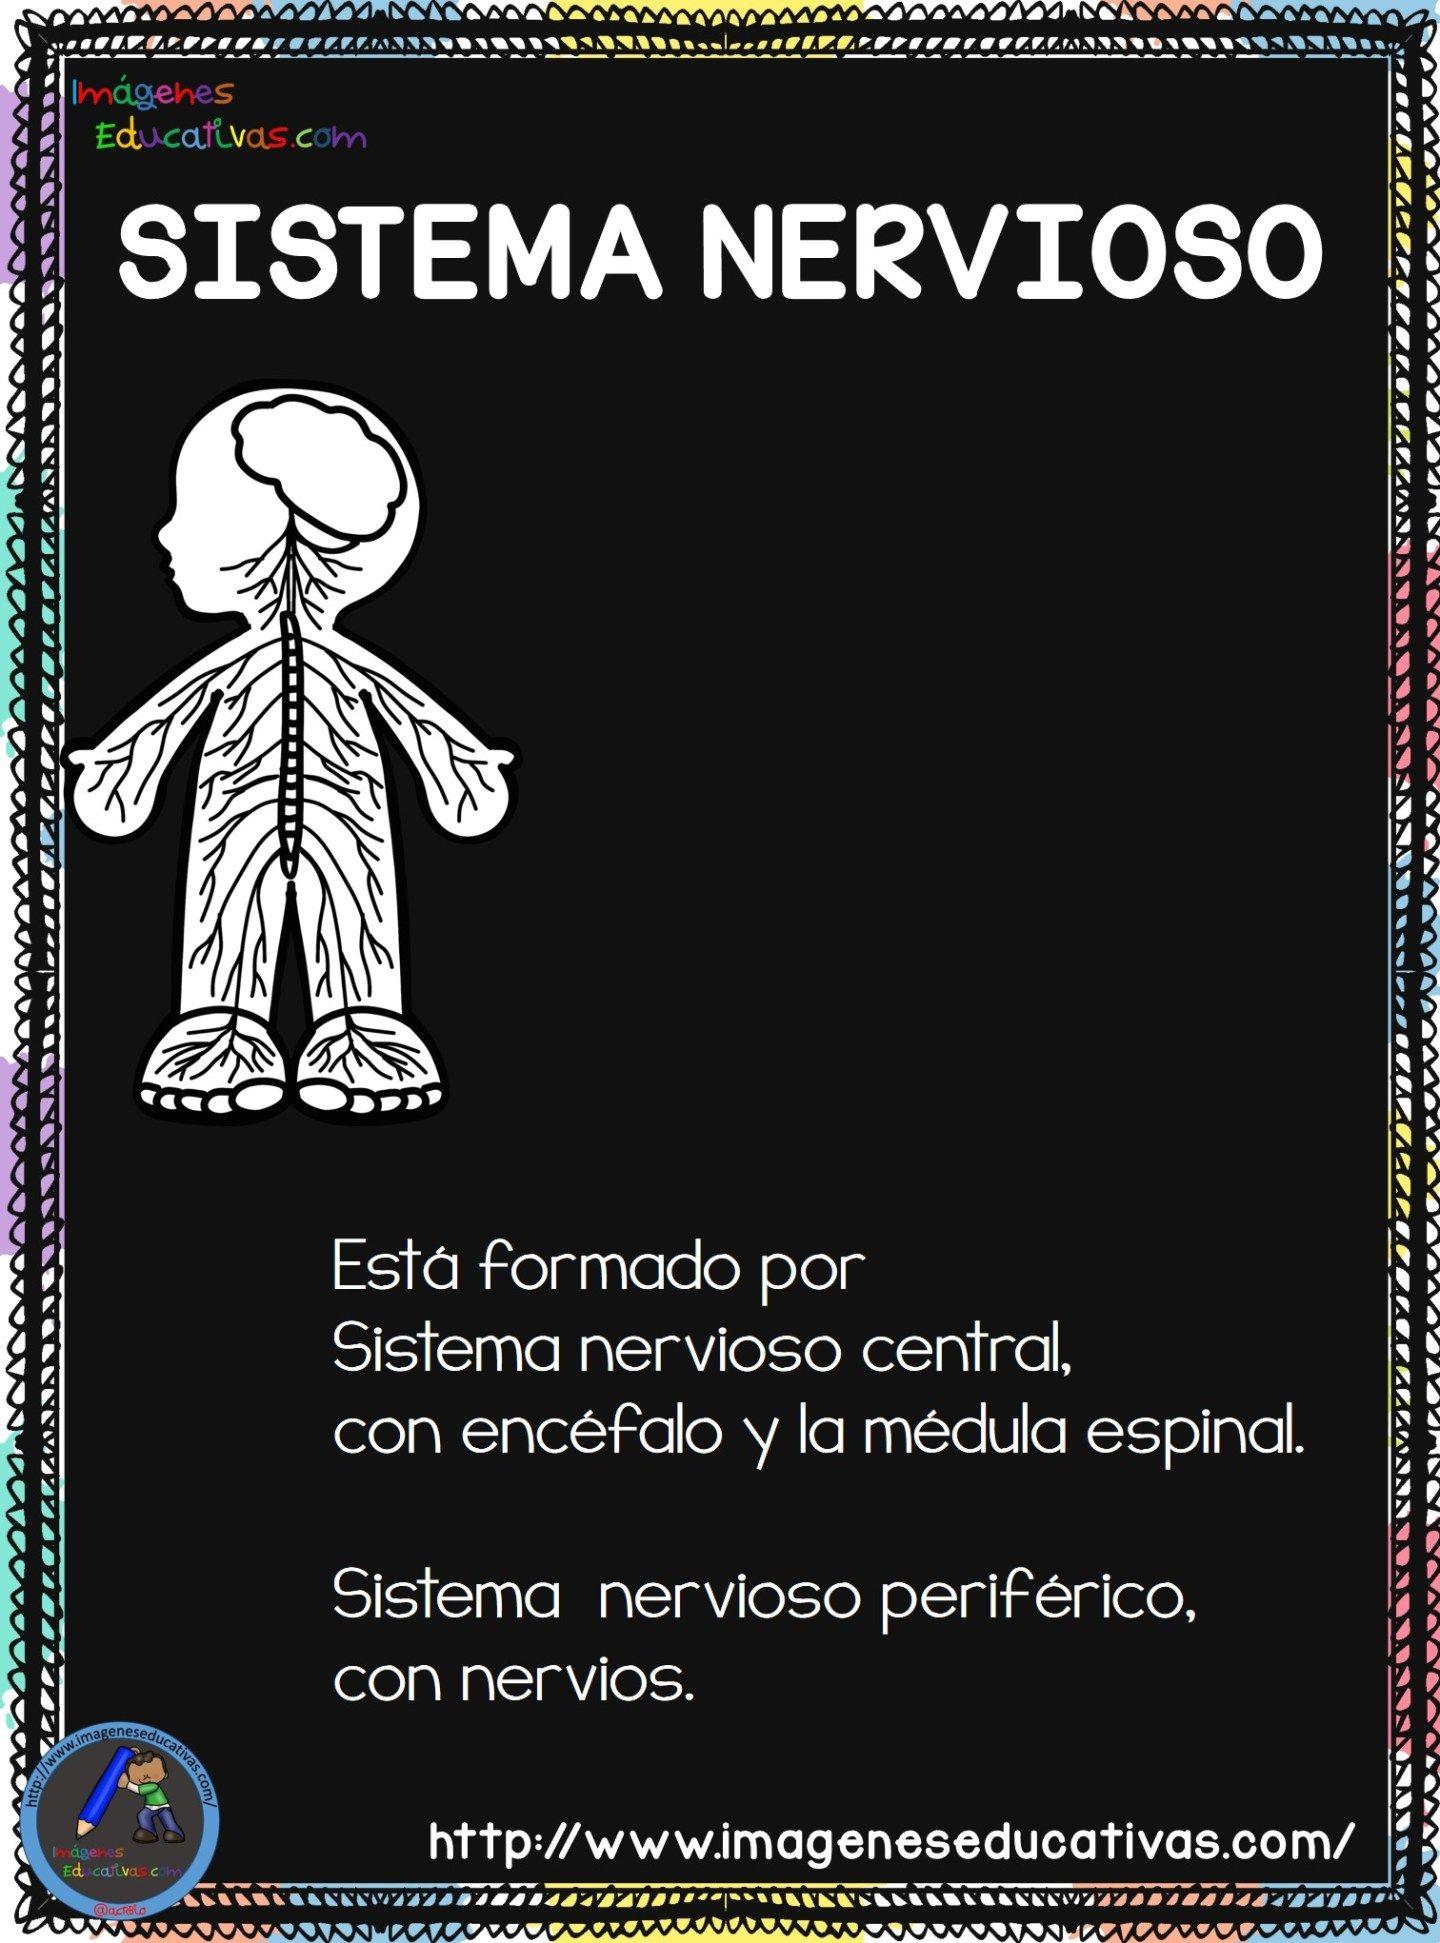 Cuaderno del Cuerpo Humano; Aparatos y Sistemas para trabajar en Primaria |  Sistemas del cuerpo humano, Cuerpo humano, Aparatos del cuerpo humano